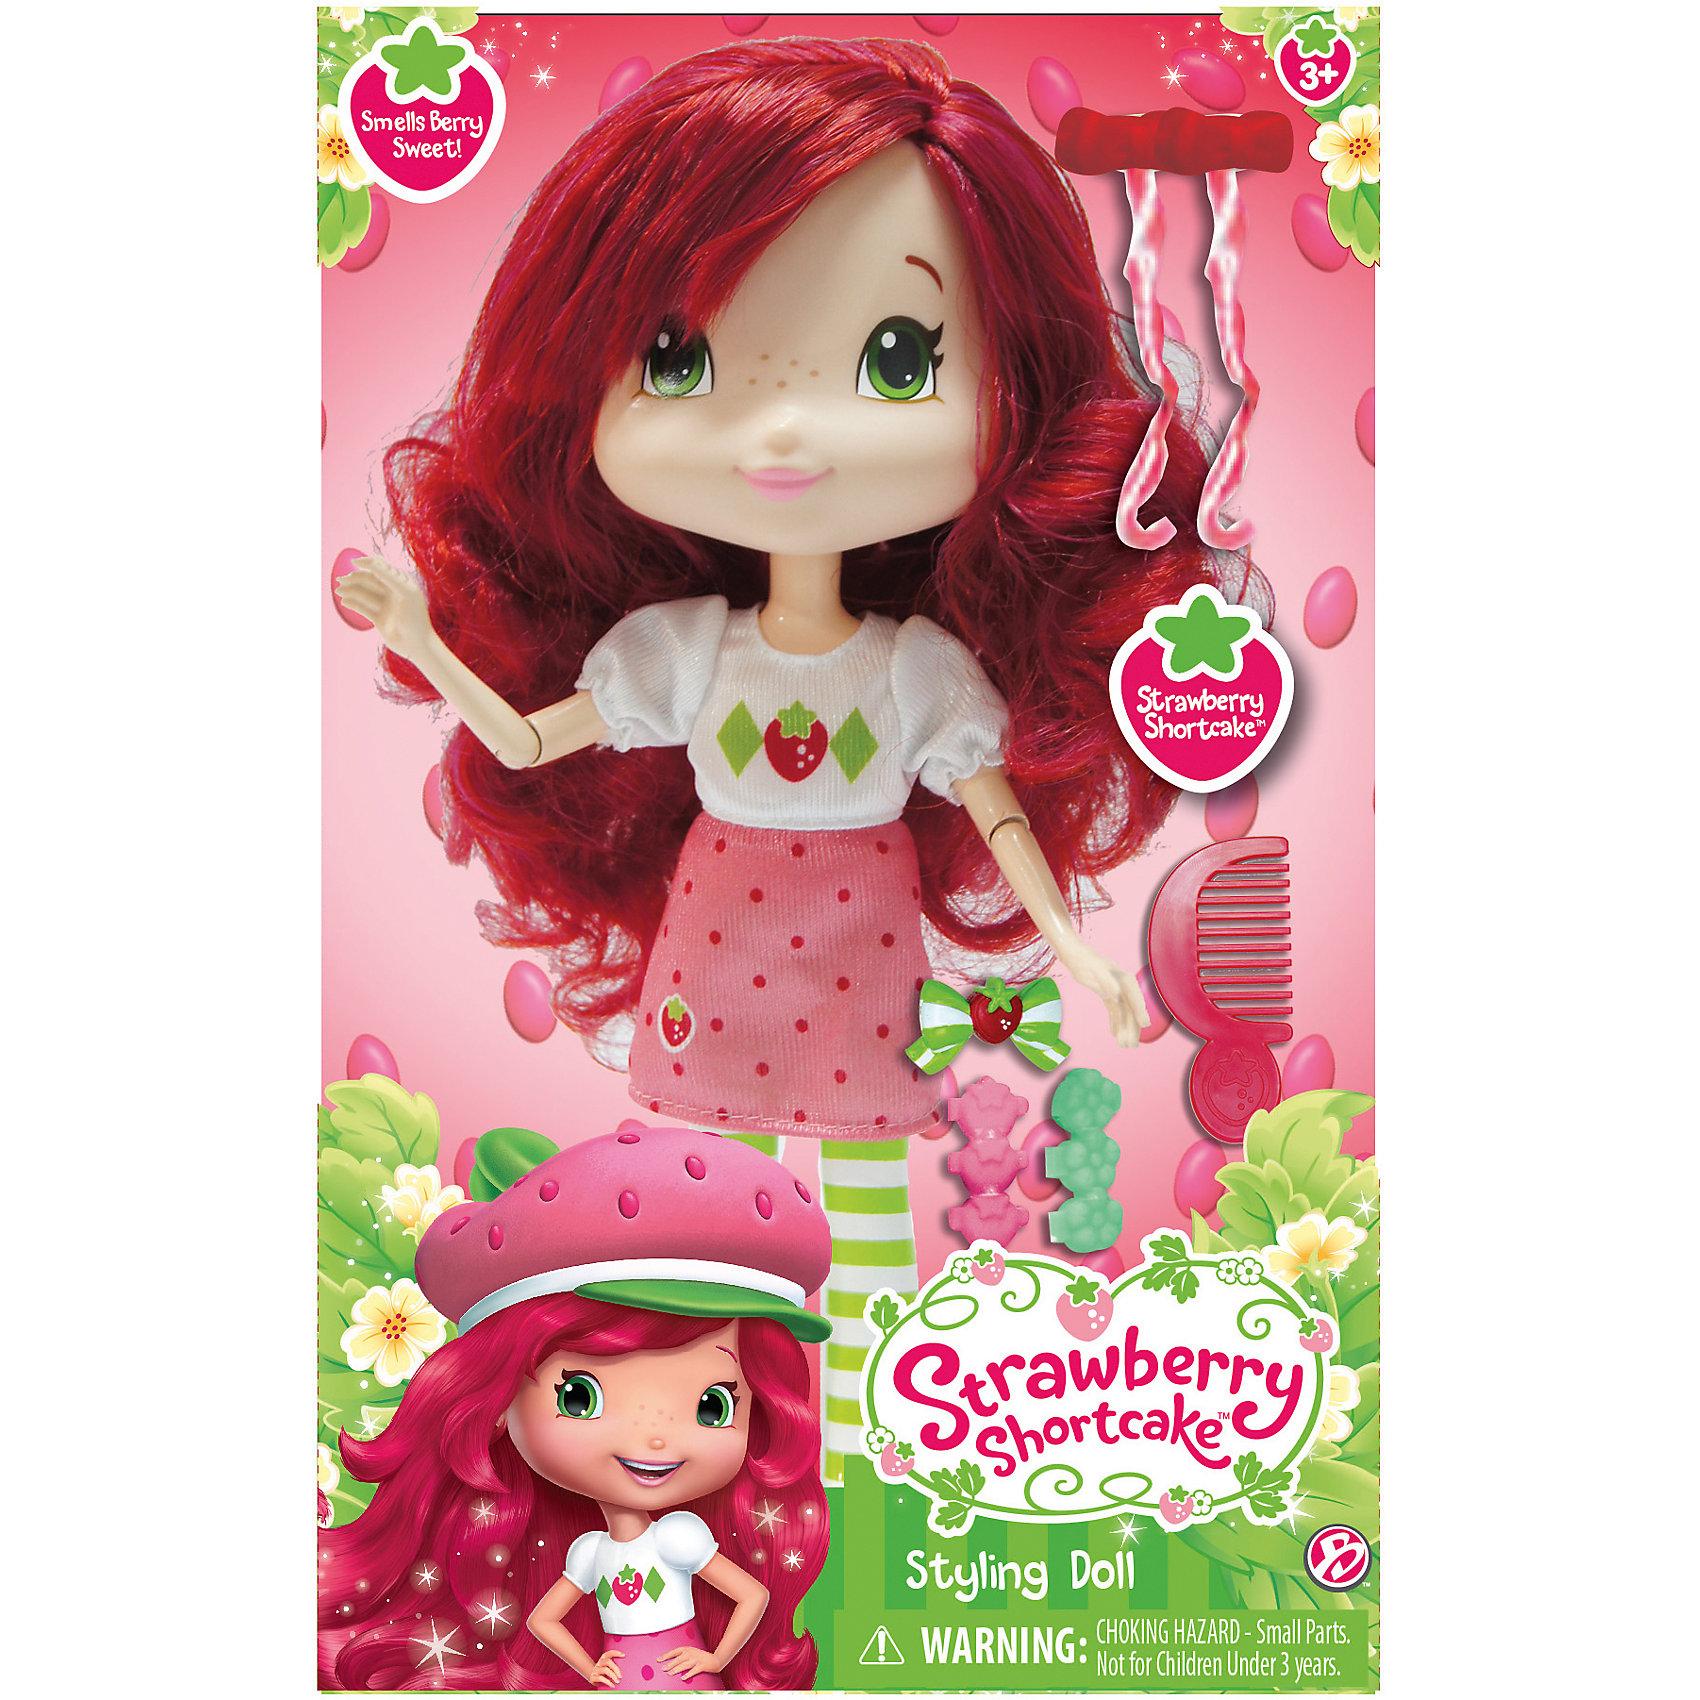 Кукла Земляничка для моделирования причесок, 28 см, The BridgeСюжетно-ролевые игры<br>Милая кукла Шарлотта обязательно понравится Вашей девочке! У куколки красивые длинные волосы, из которые можно сделать самые разнообразные прически!<br><br>В наборе:  кукла Земляничка; расческа; 2 заколки; 2 пряди волос; украшение. <br><br>Дополнительная информация:<br><br>- Возраст: от 3 лет.<br>- Материал: пластик, текстиль.<br>- Размер куклы: 28 см.<br>- Размер упаковки: 19х9х30,5 см.<br><br>Купить куклу Земляничка для моделирования причесок, можно в нашем магазине.<br><br>Ширина мм: 200<br>Глубина мм: 100<br>Высота мм: 310<br>Вес г: 623<br>Возраст от месяцев: 36<br>Возраст до месяцев: 120<br>Пол: Женский<br>Возраст: Детский<br>SKU: 4929082